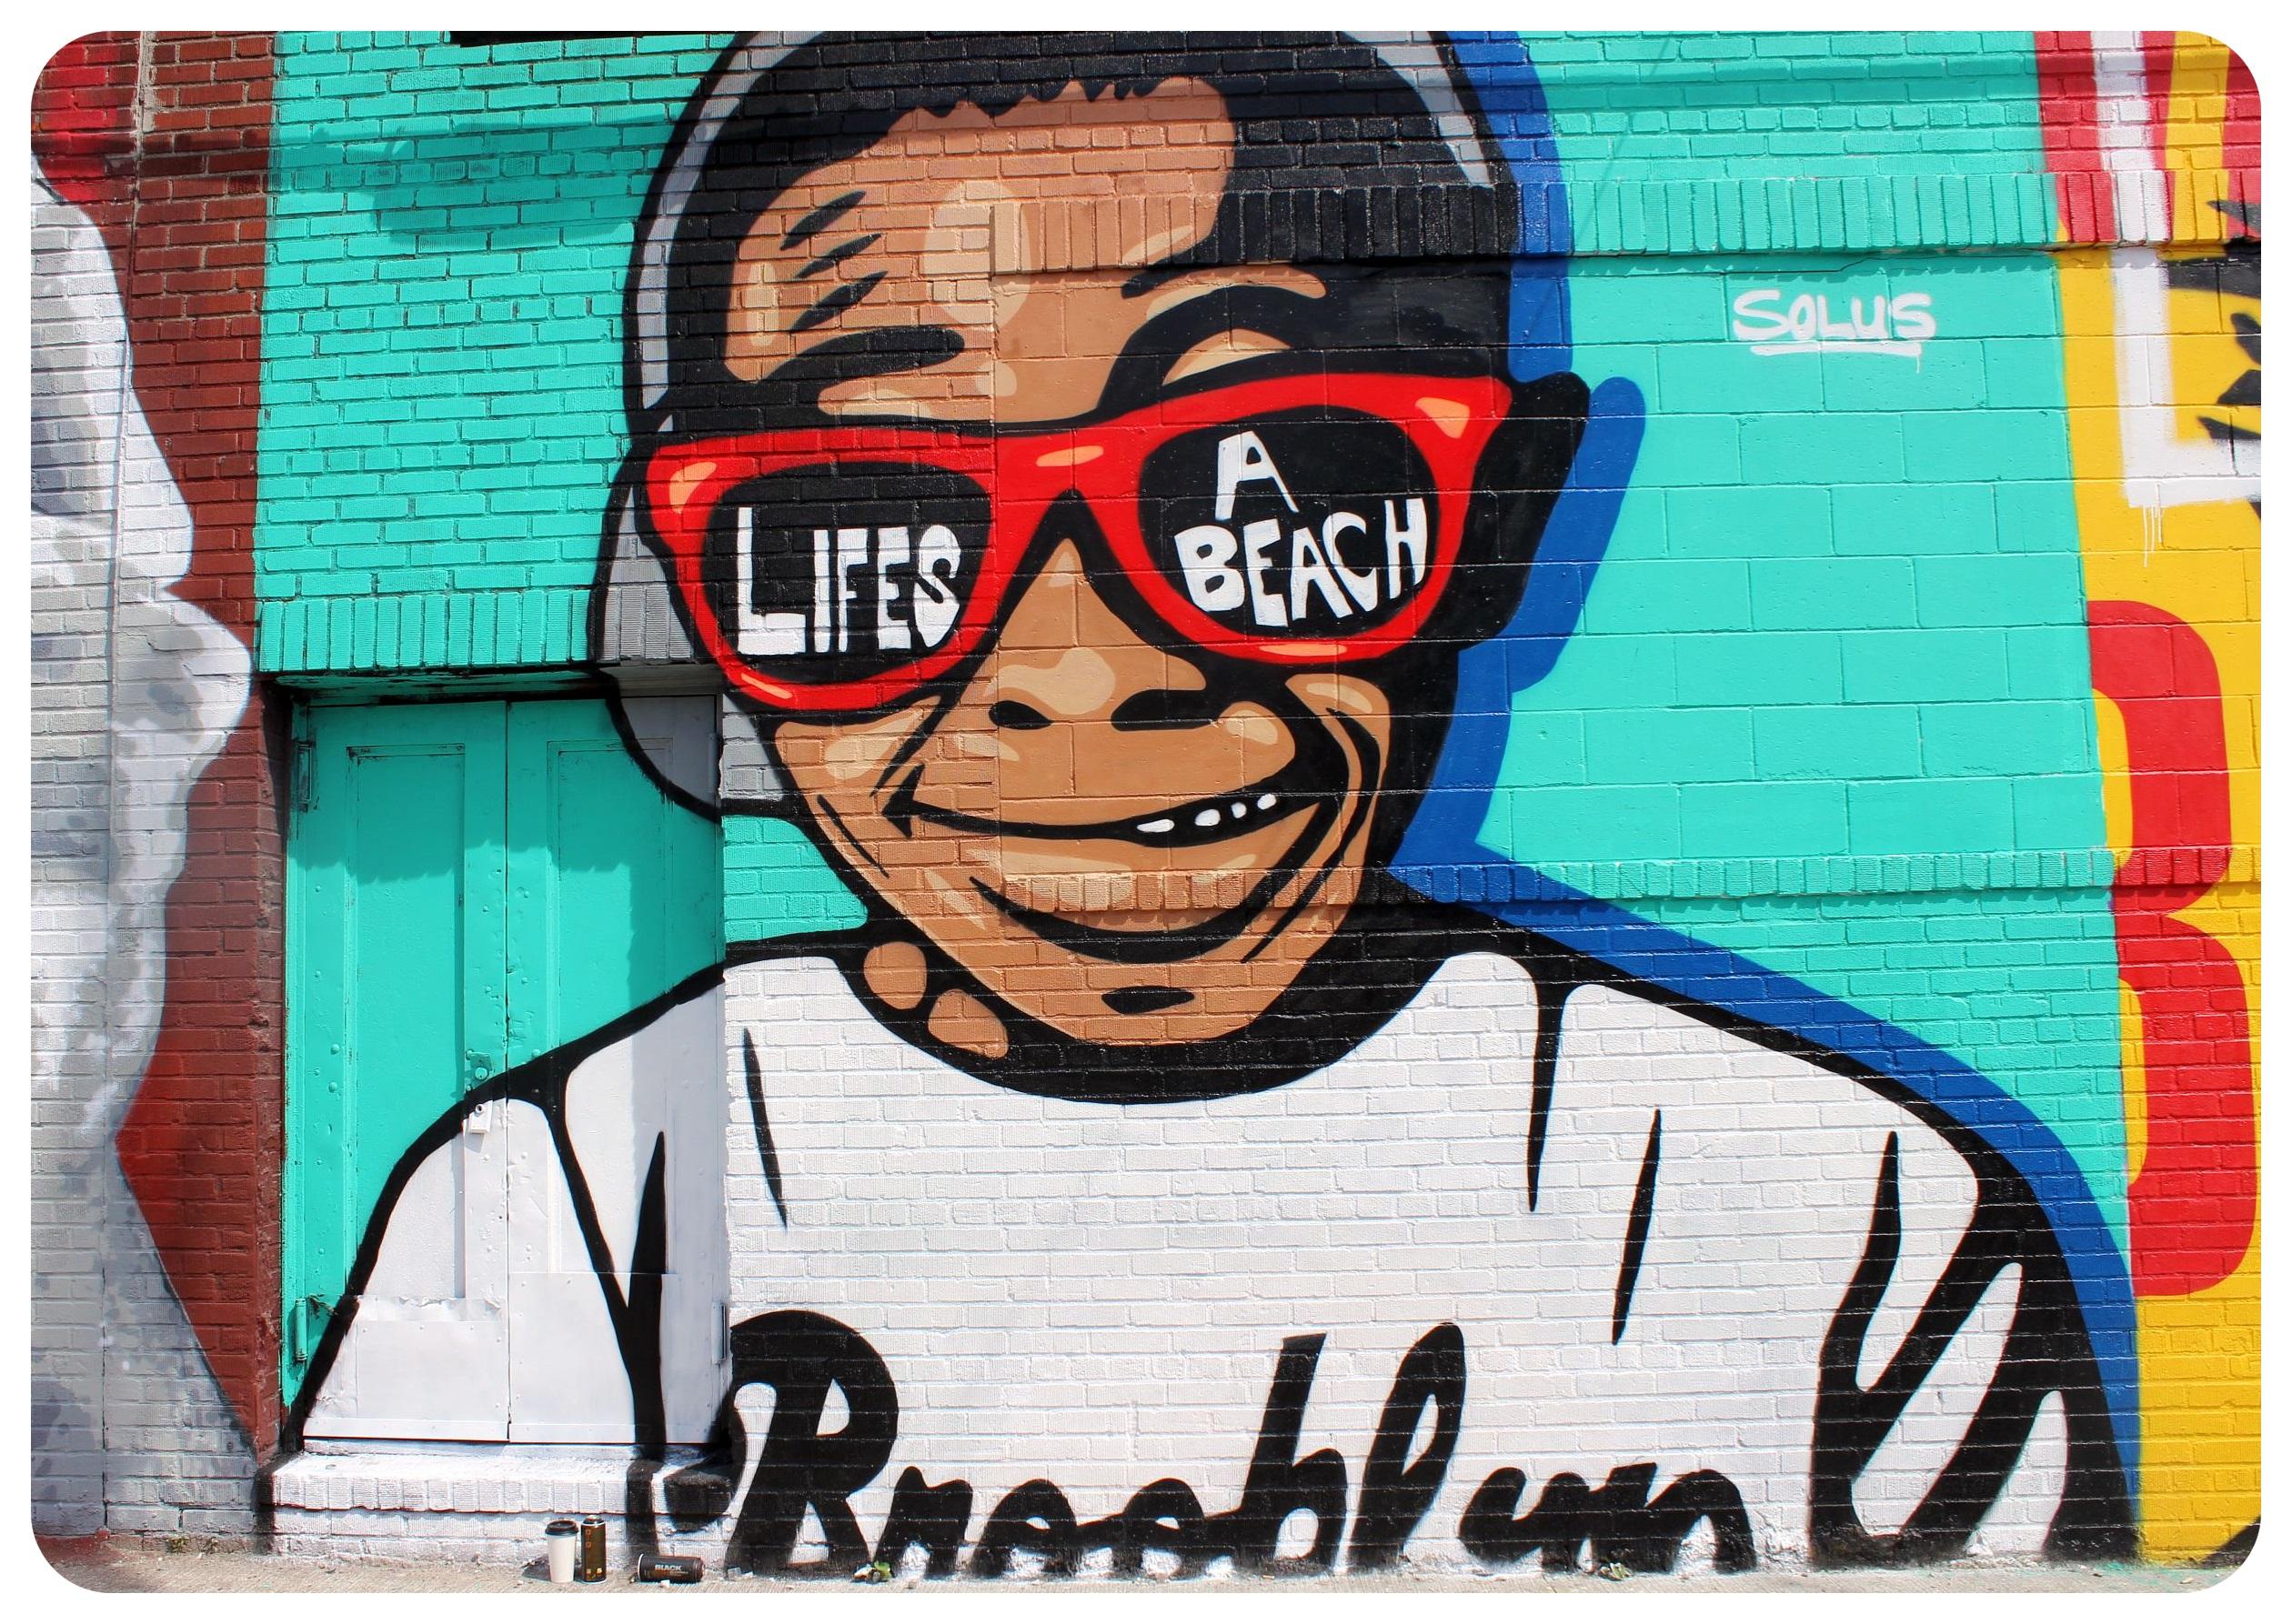 brooklyn bushwick lifes a beach